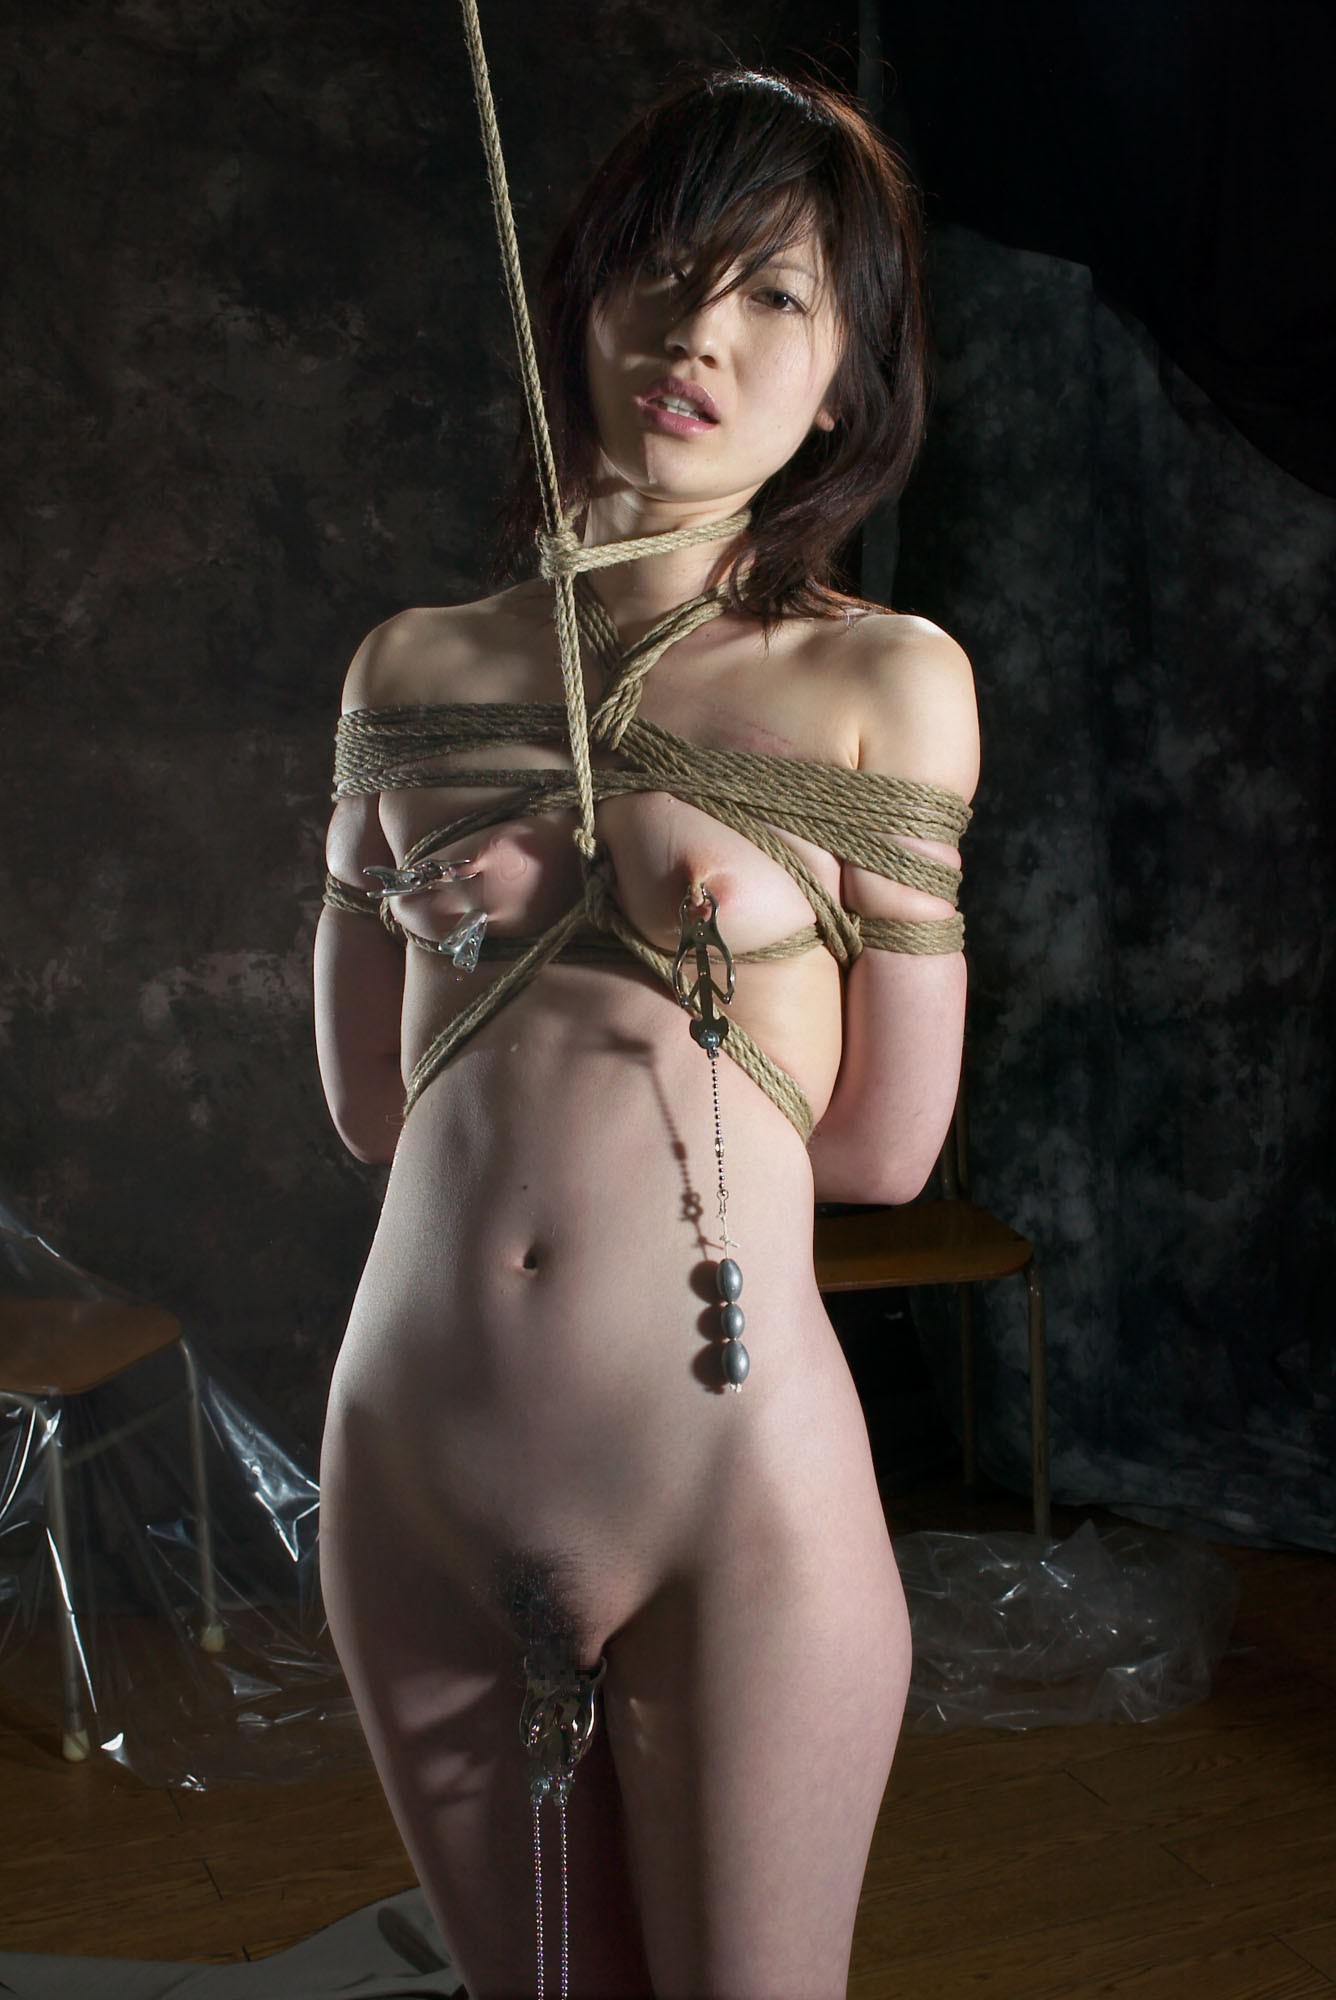 あらゆる拷問でドM女を調教してるSMエロ画像 1743